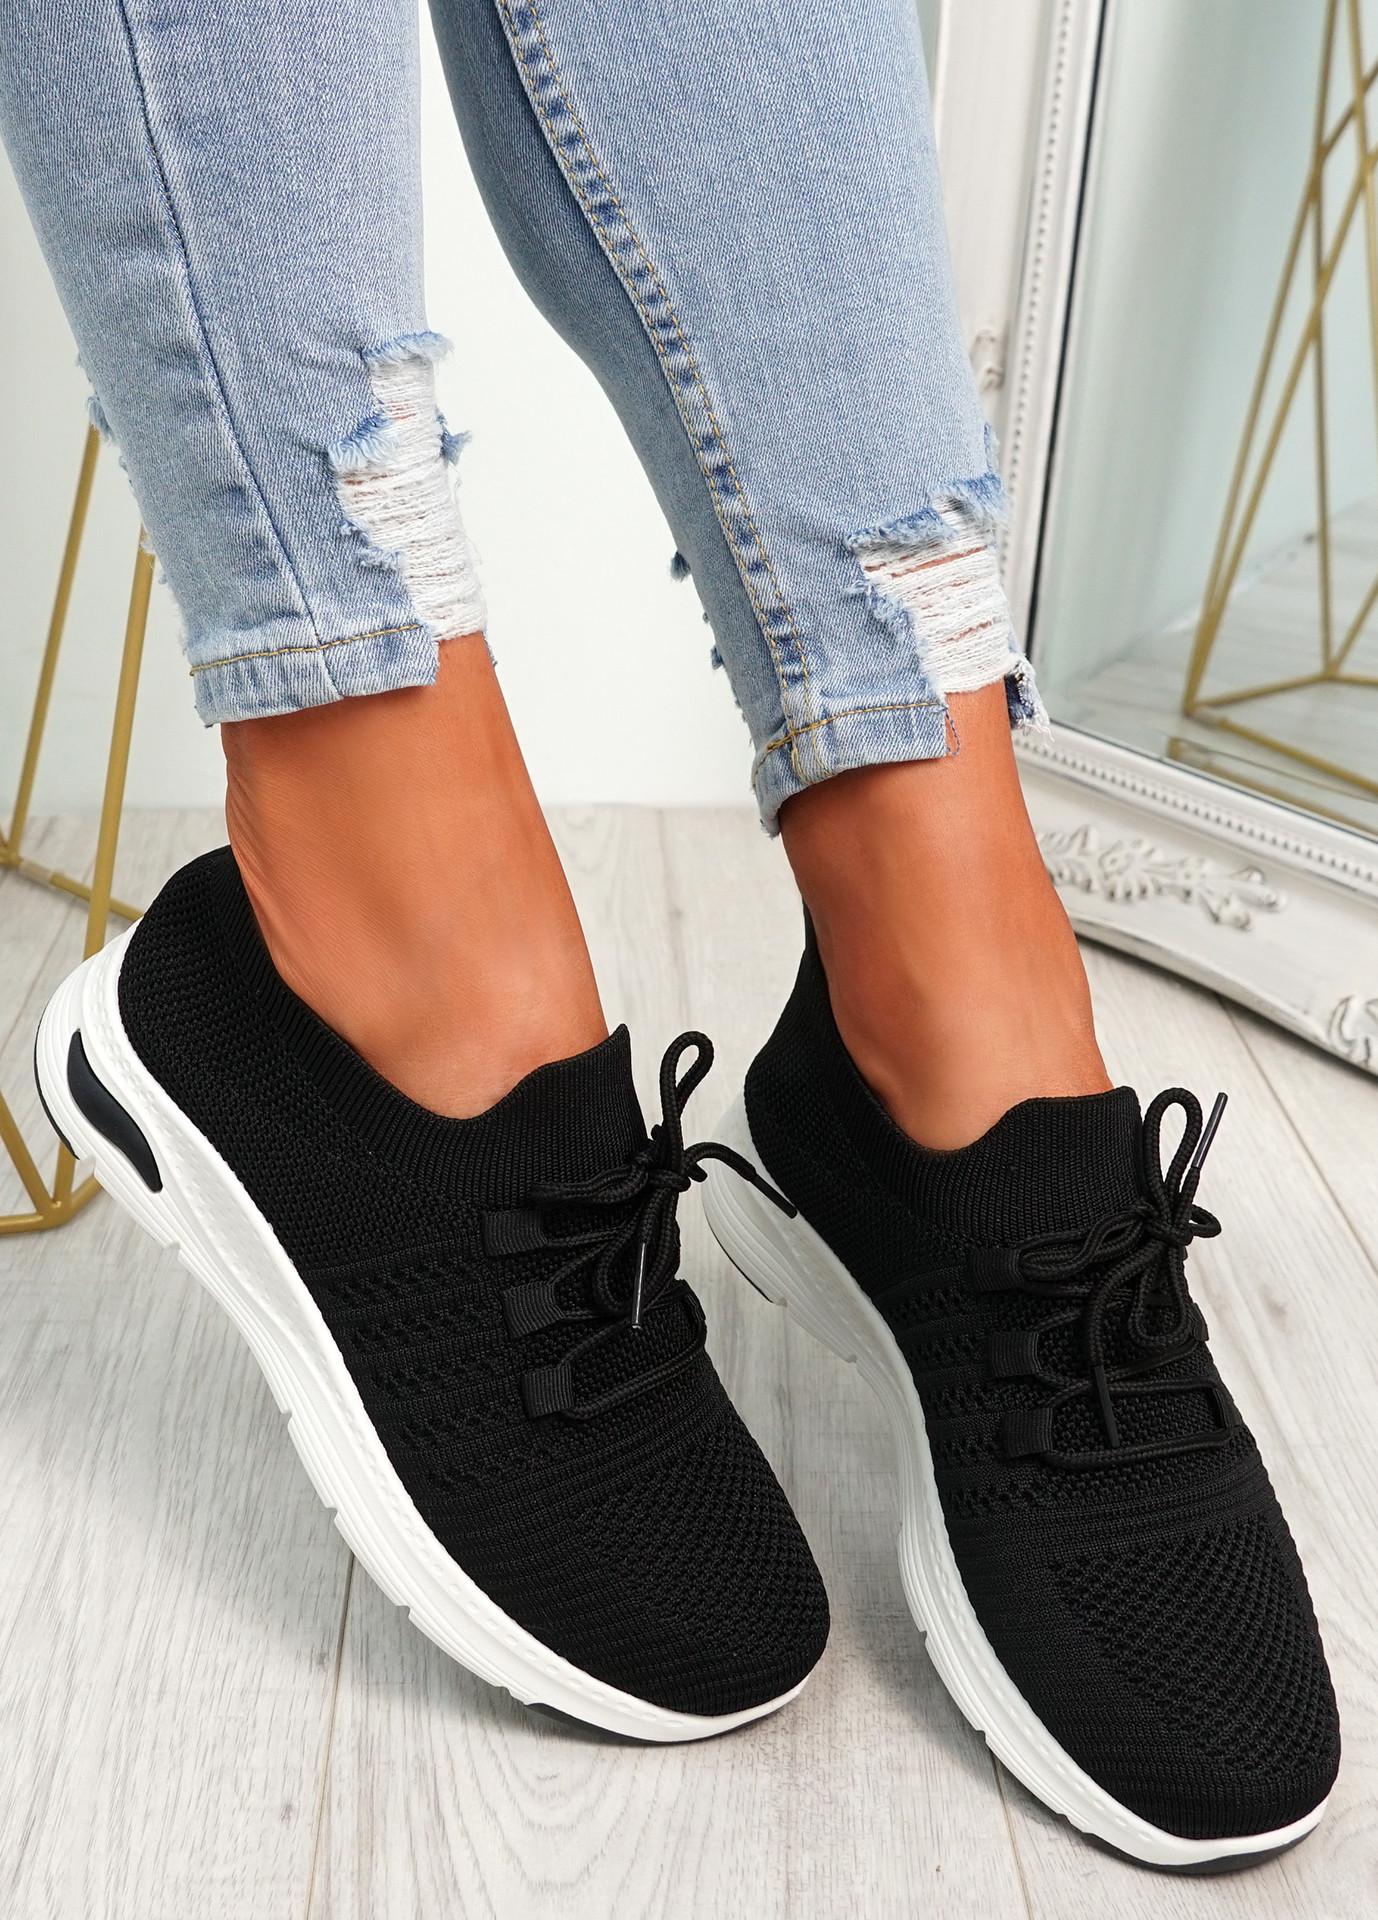 Lolla Black Knit Sneakers